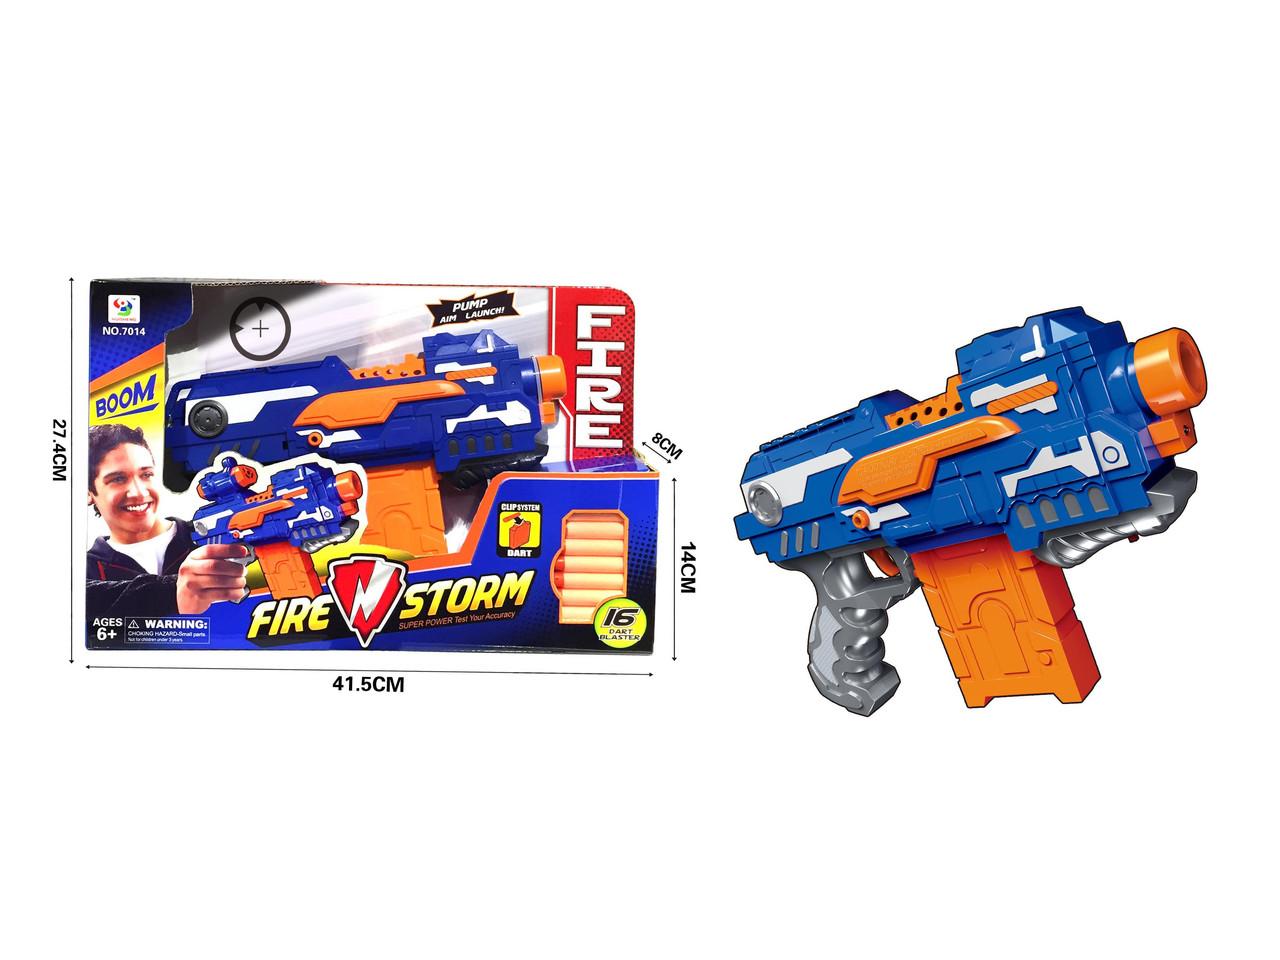 Пистолет игрушечный с обоймой, стреляет мягкими патронами, работает от батарей батарей